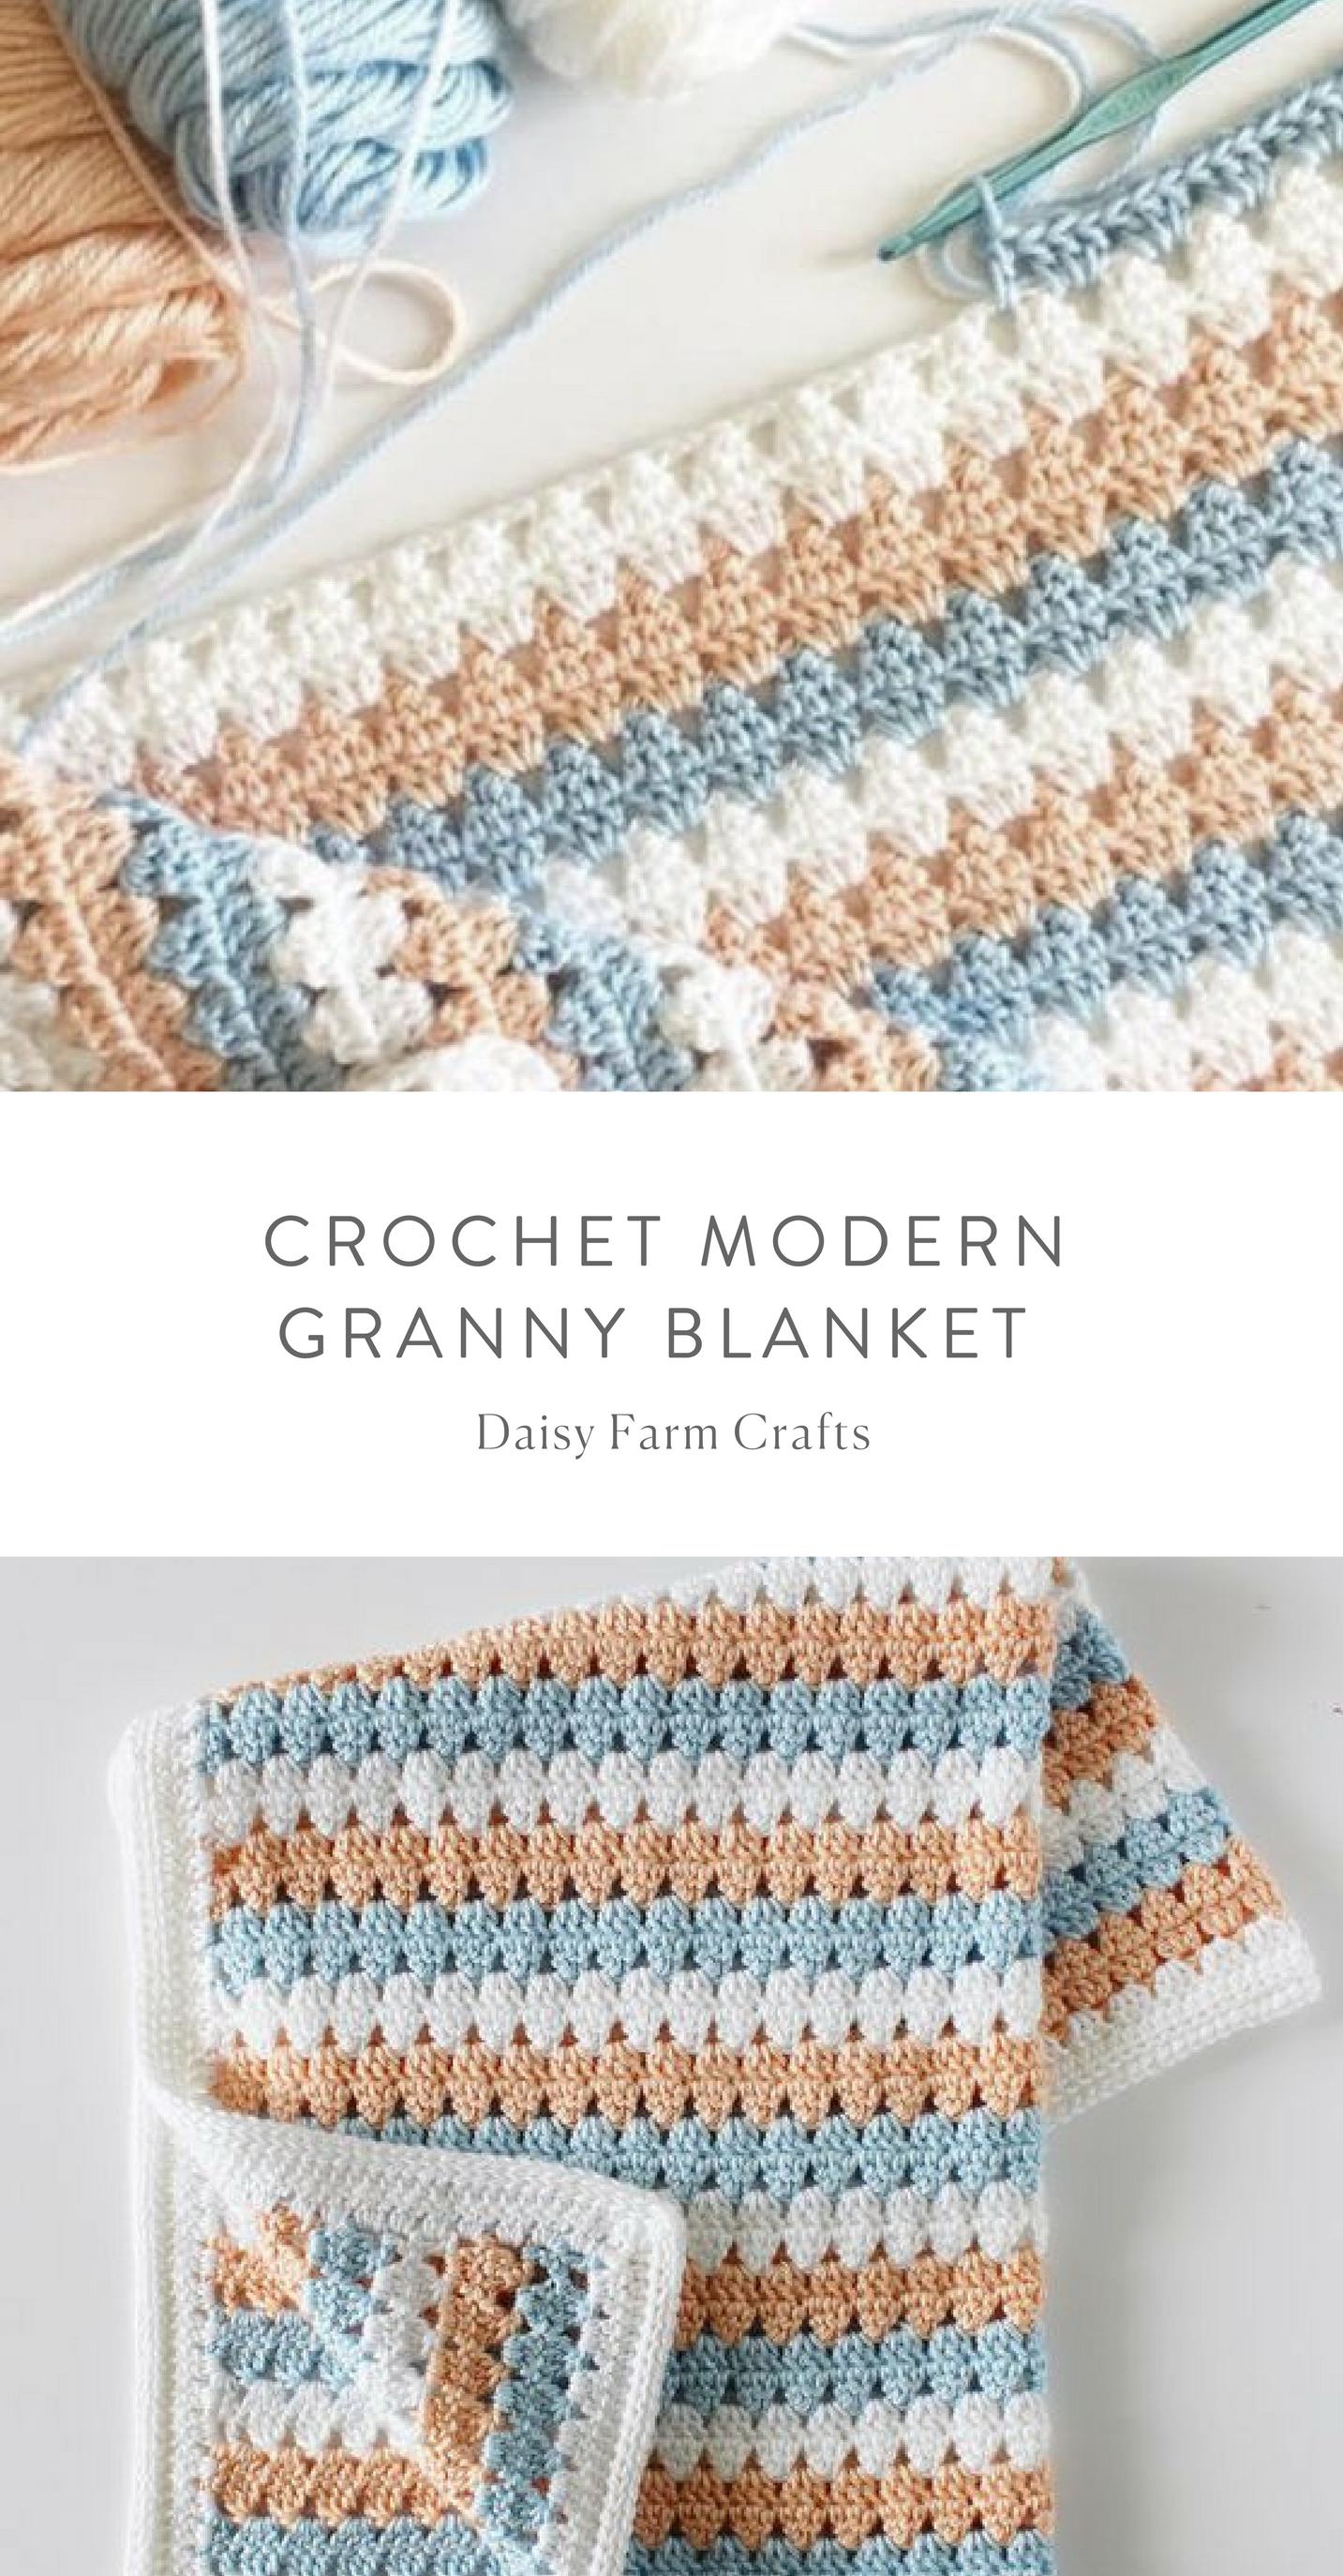 Free Pattern - Crochet Modern Granny Blanket | Afghan | Pinterest ...